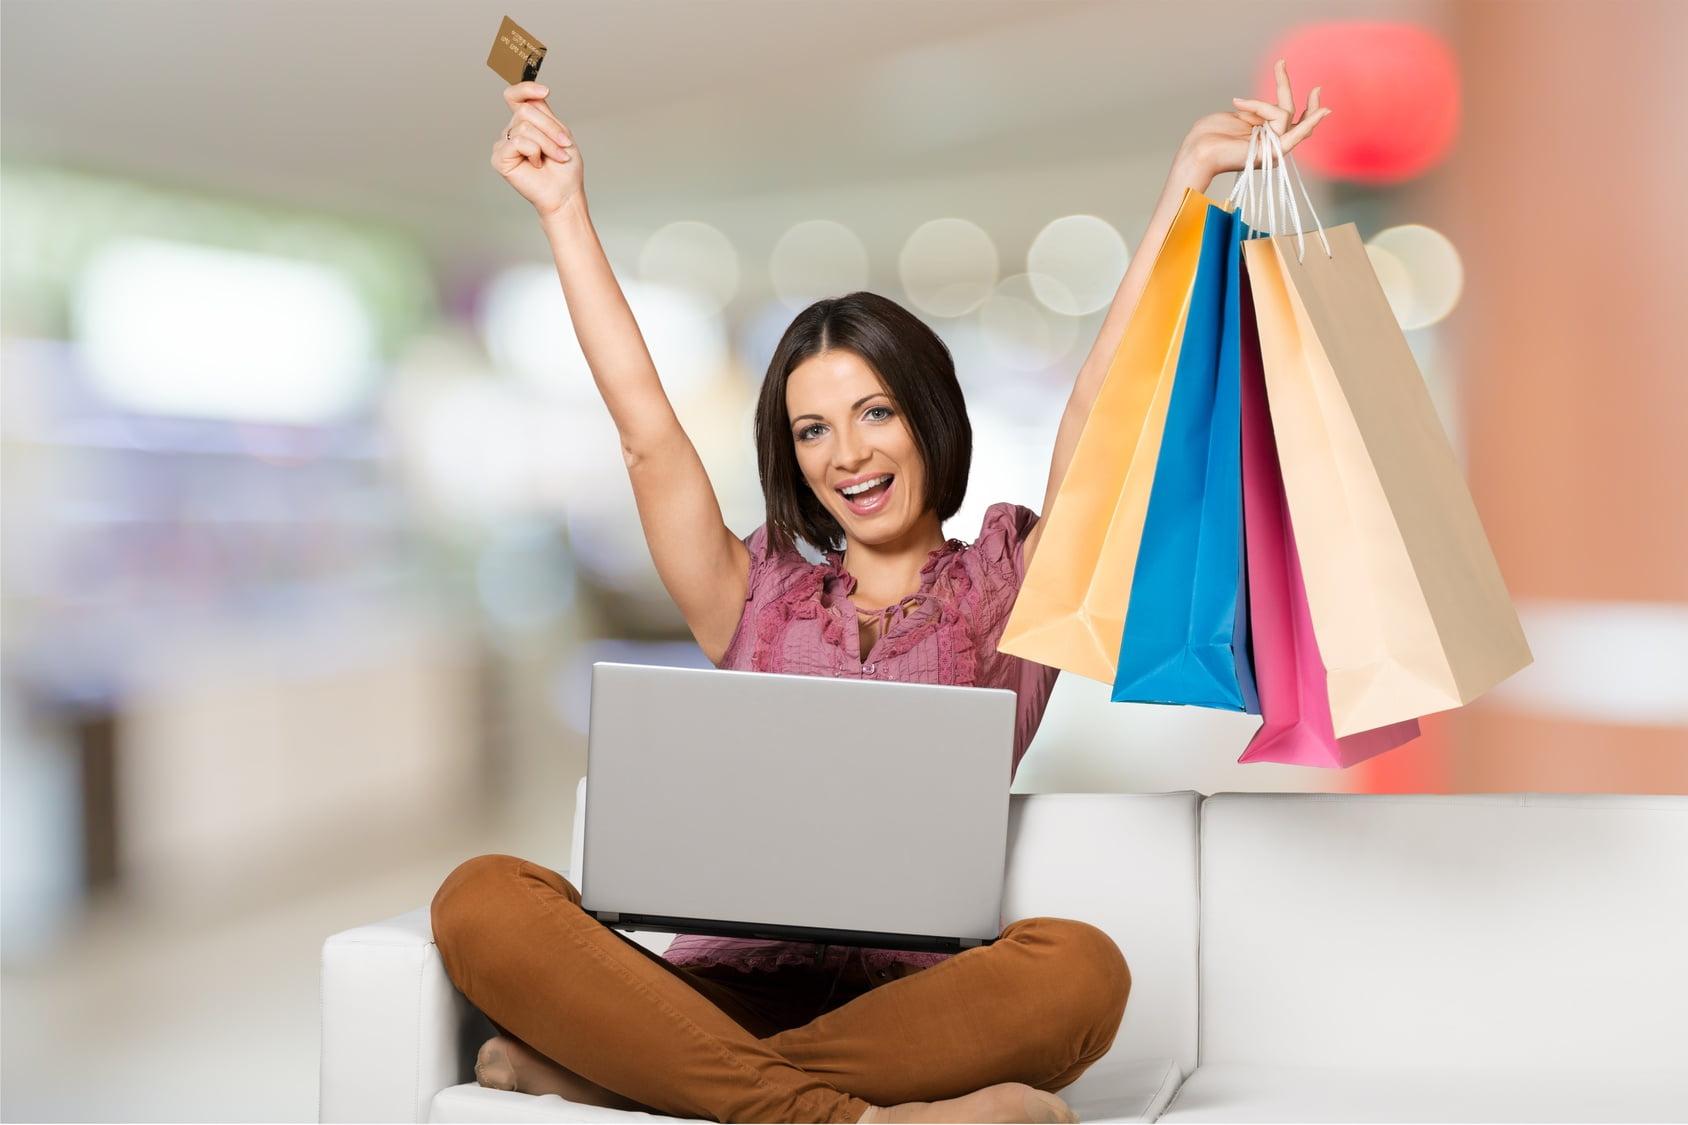 vender online ted